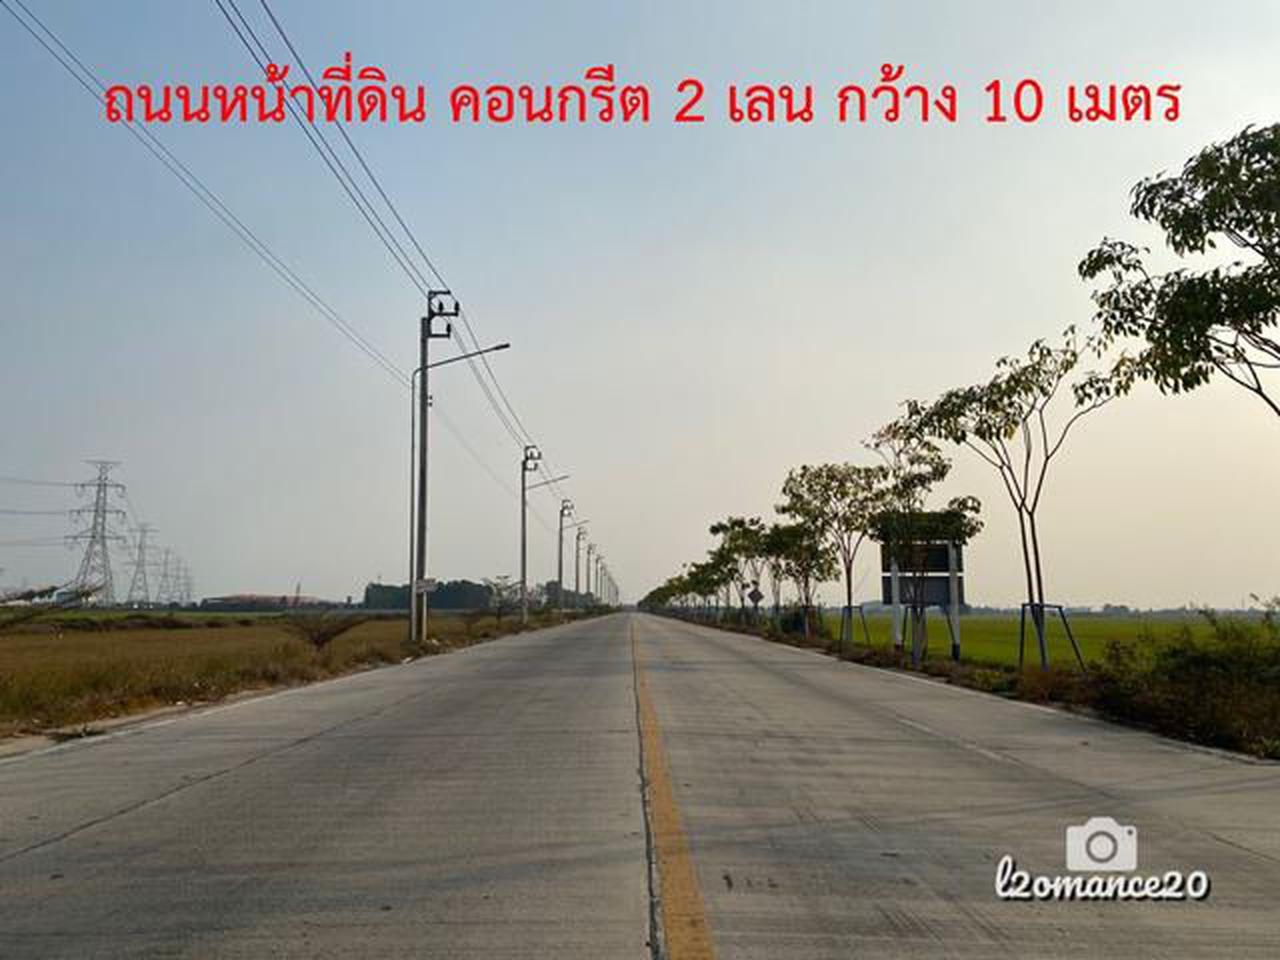 S301 ที่ดินแบ่งขาย 10 ไร่ ถมฟรี ราคา 4 ล้านบาท/ไร่ ขายที่ดินนนทบุรี รูปที่ 3